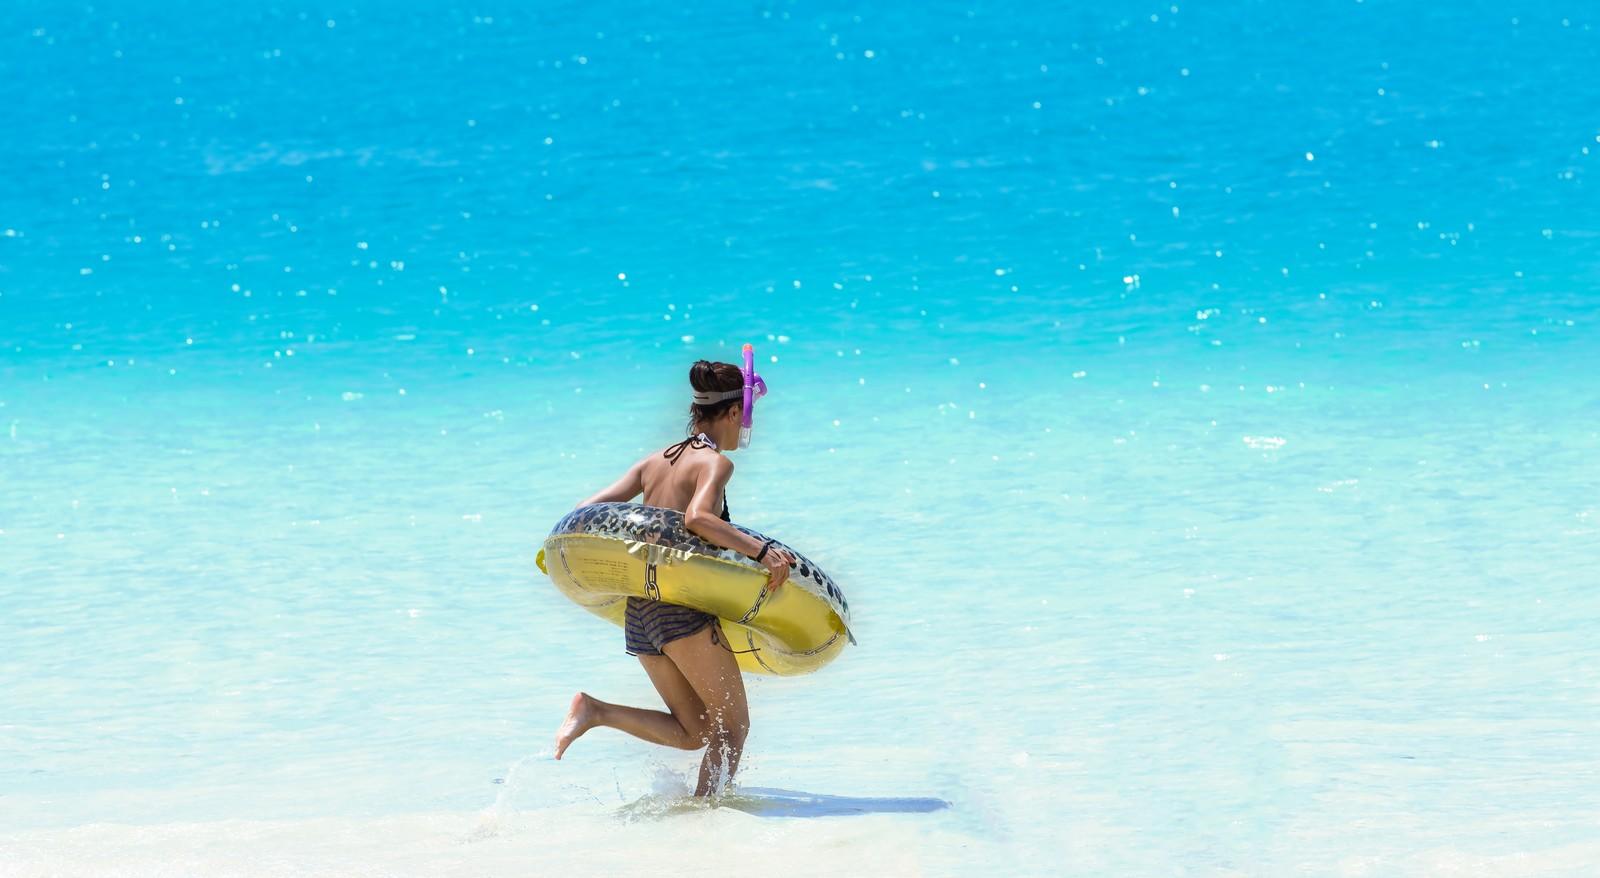 生理だけどどうしても海に行きたい!さあ、どうする?